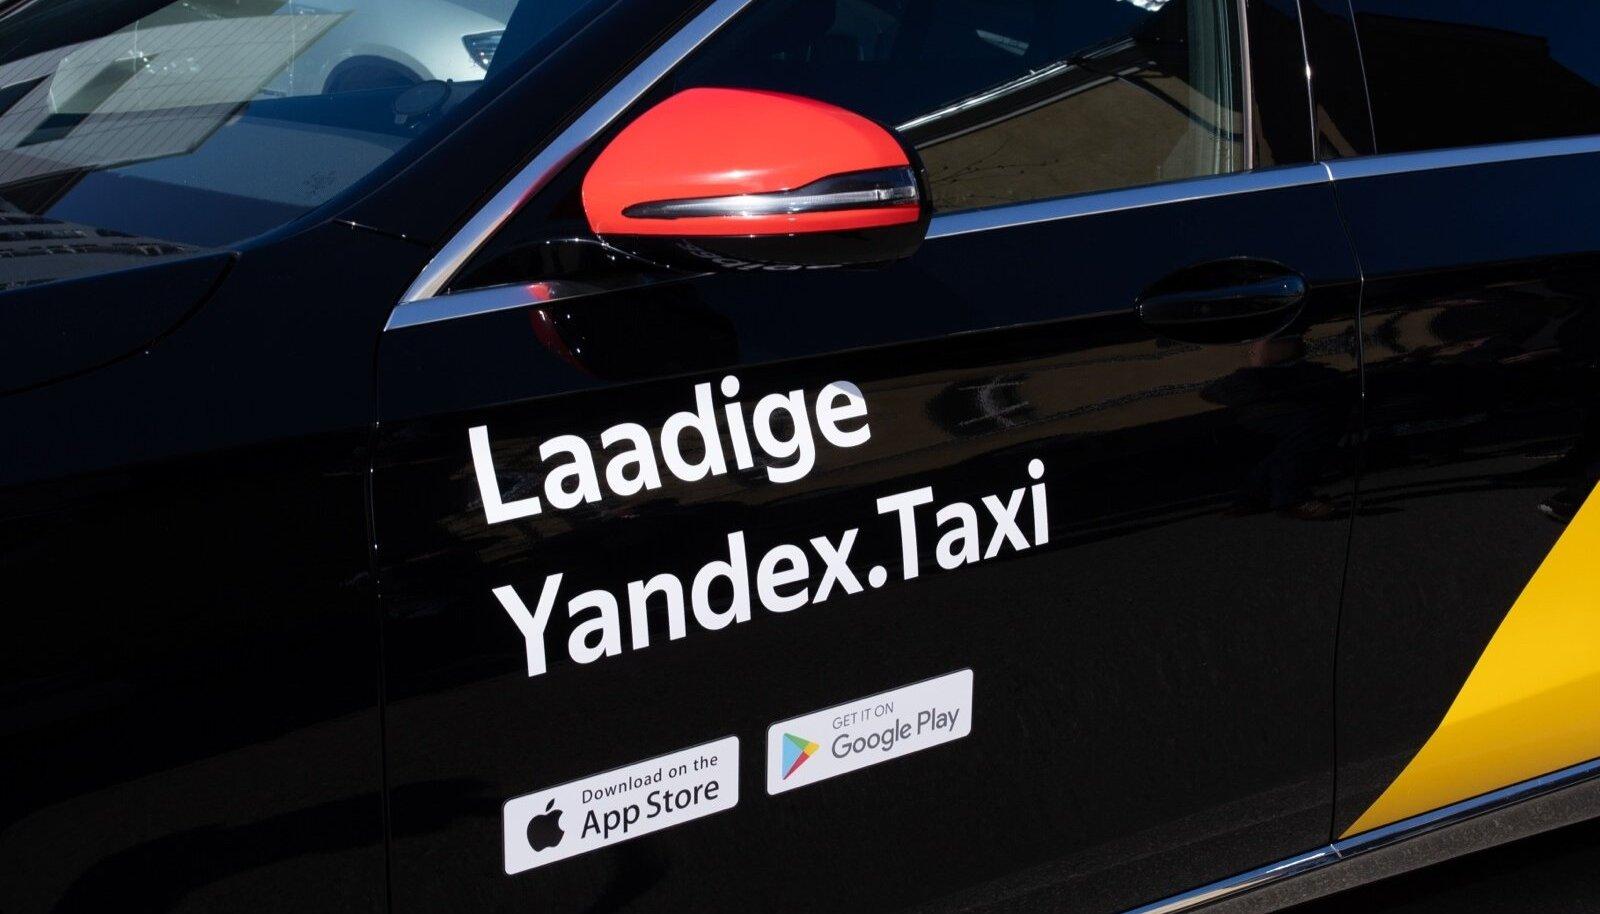 PROBLEEME JAGUB: Vene firma Yandex Taxi mõned esindajad ei löö uute juhtide ja rahateenimise nimel millegi ees risti ette ja lubavad juhid mustalt tööle, kurdavad ametnikud.